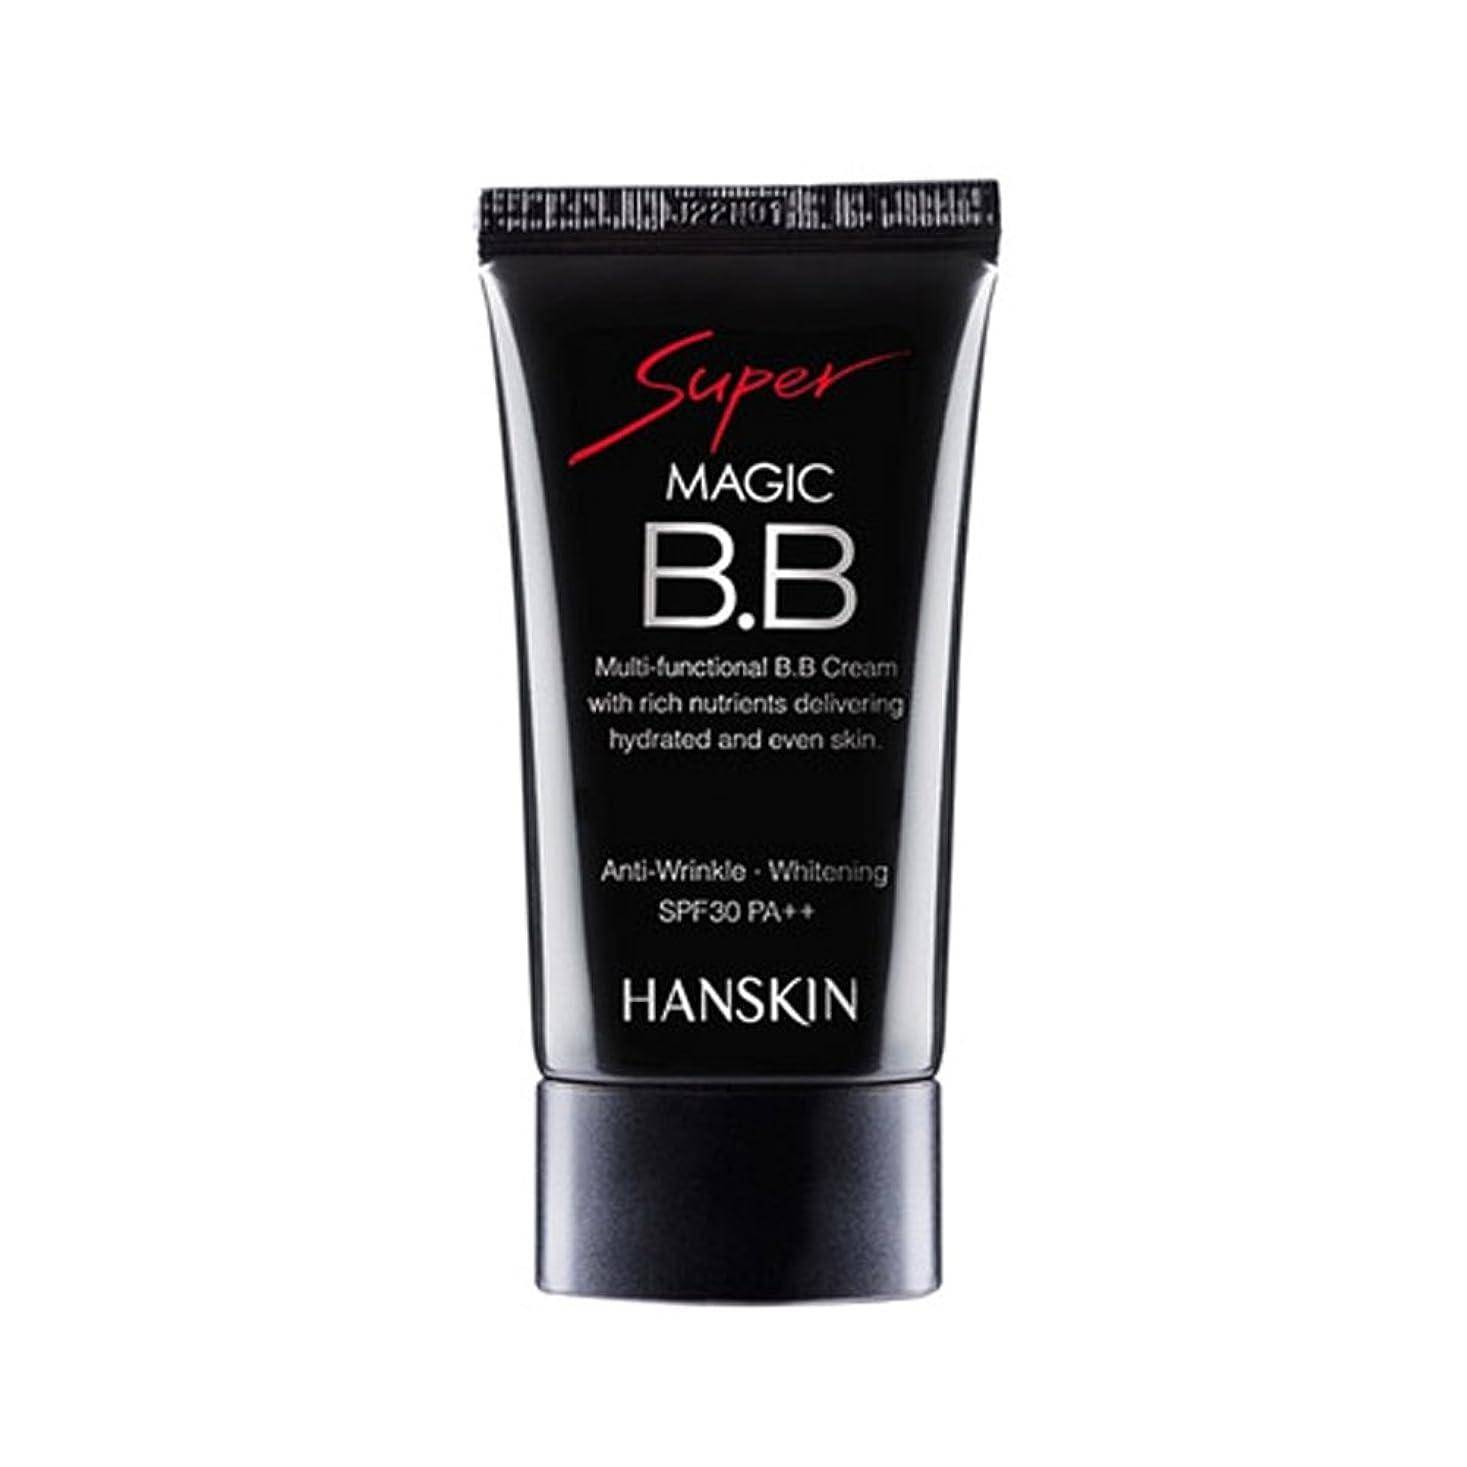 粘液キャンバス鬼ごっこ[ハンスキン] Hanskin スーパー マジック BB クリーム Super Magic BB Cream SPF30 PA+++ 45g [並行輸入品]